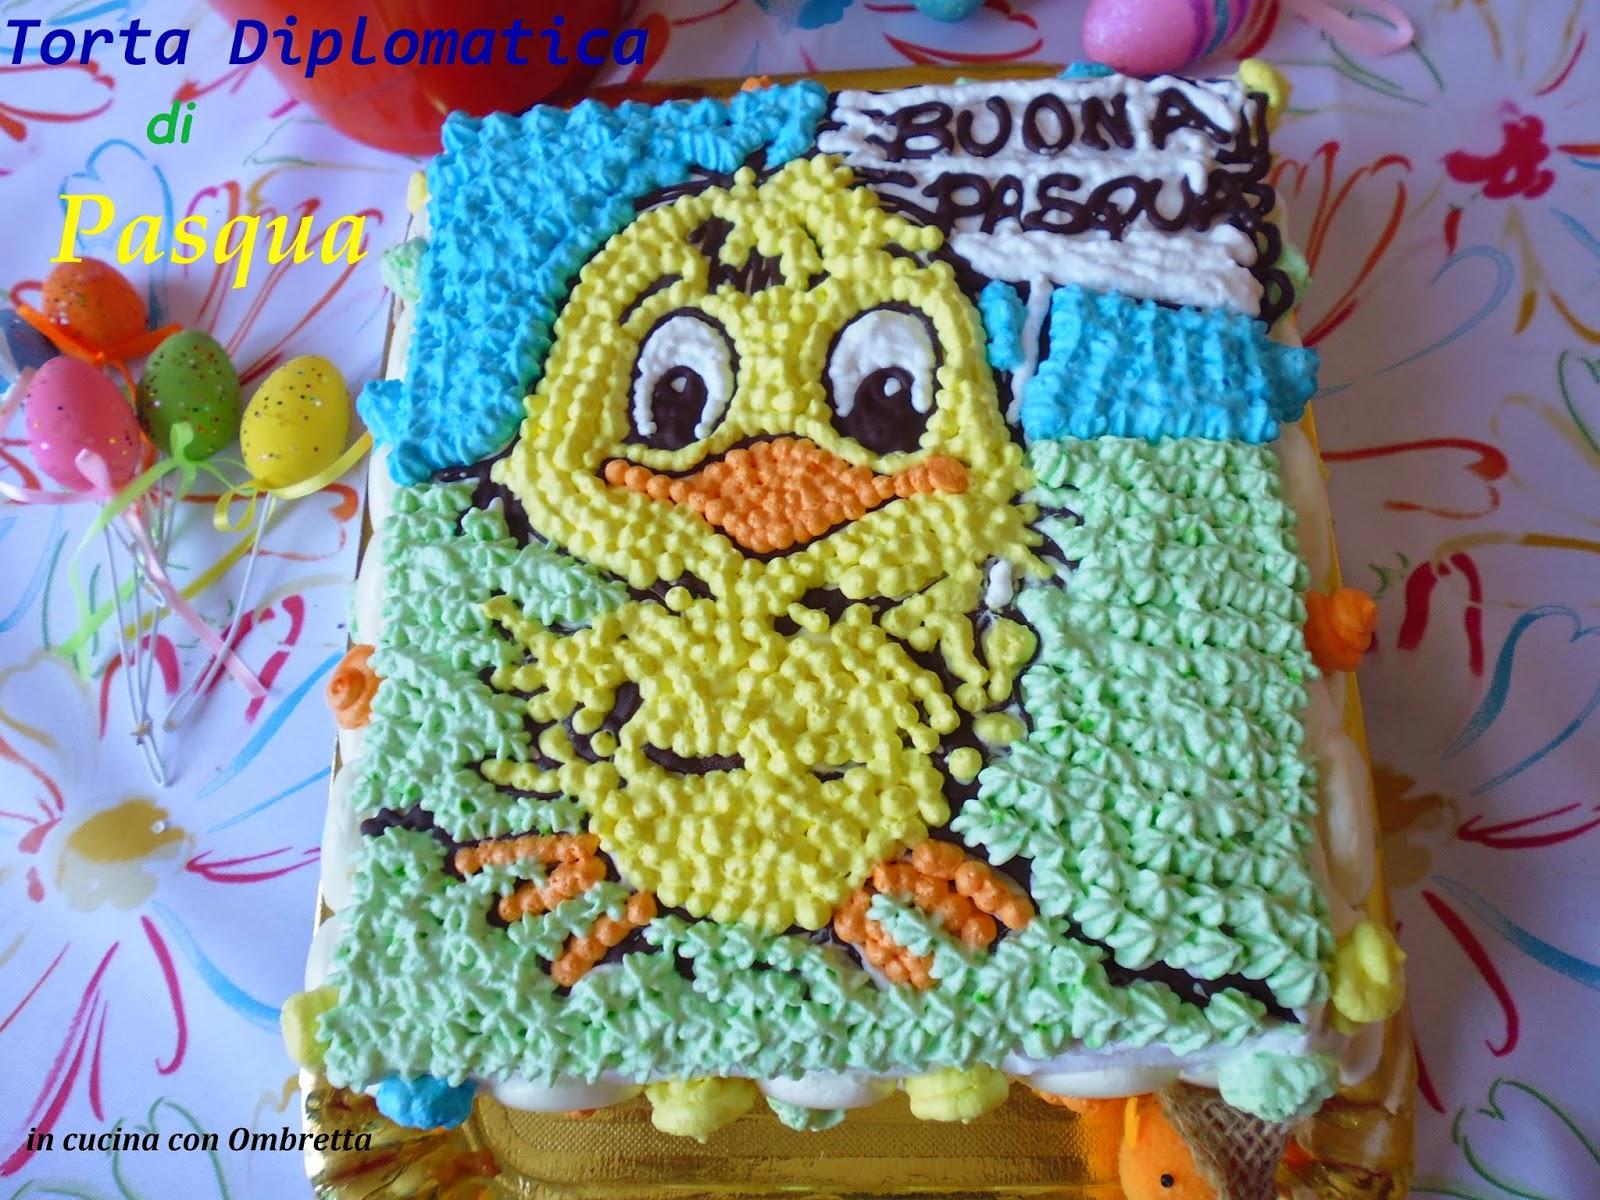 torta diplomatica di pasqua